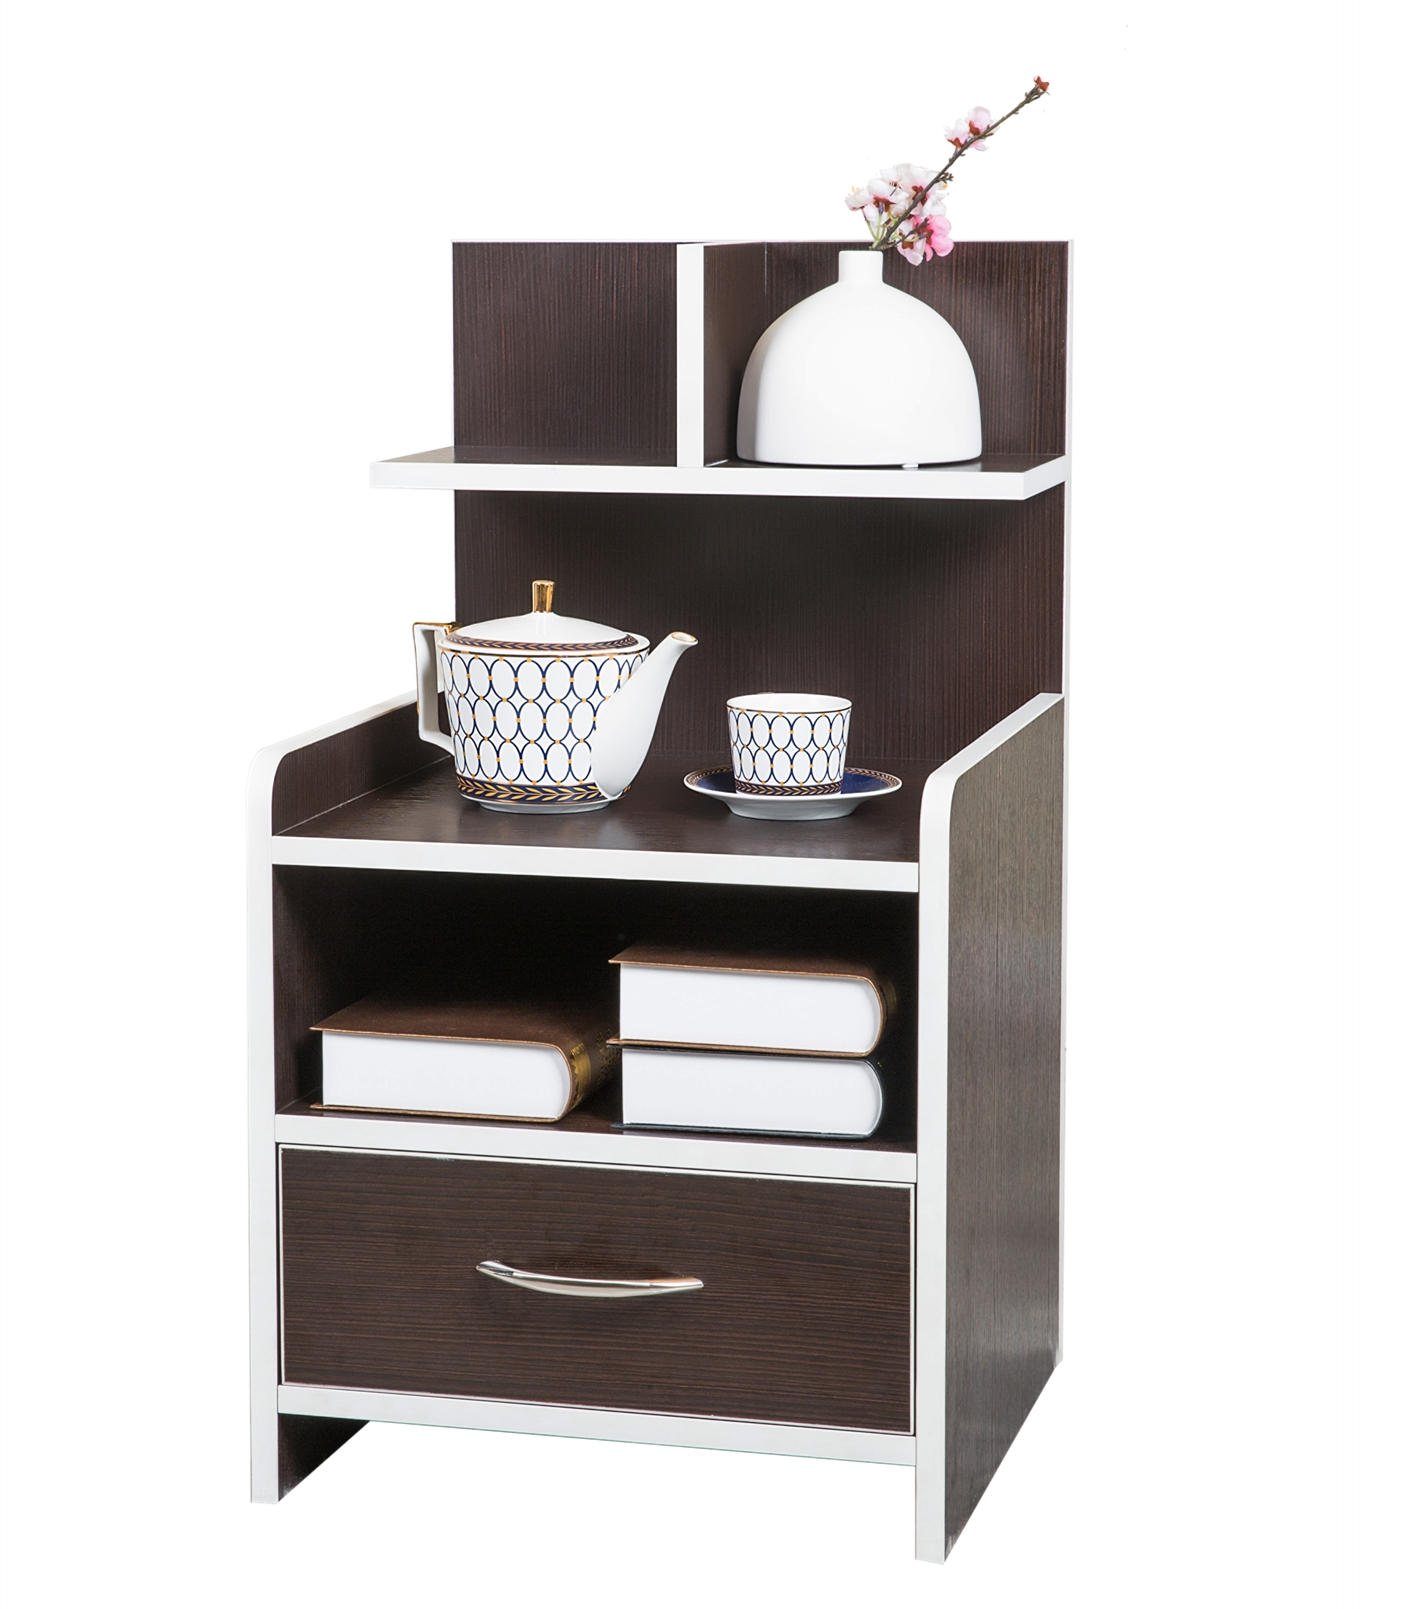 Modern Wall Mounted Book Shelf Buy Wall Mounted Book Shelf